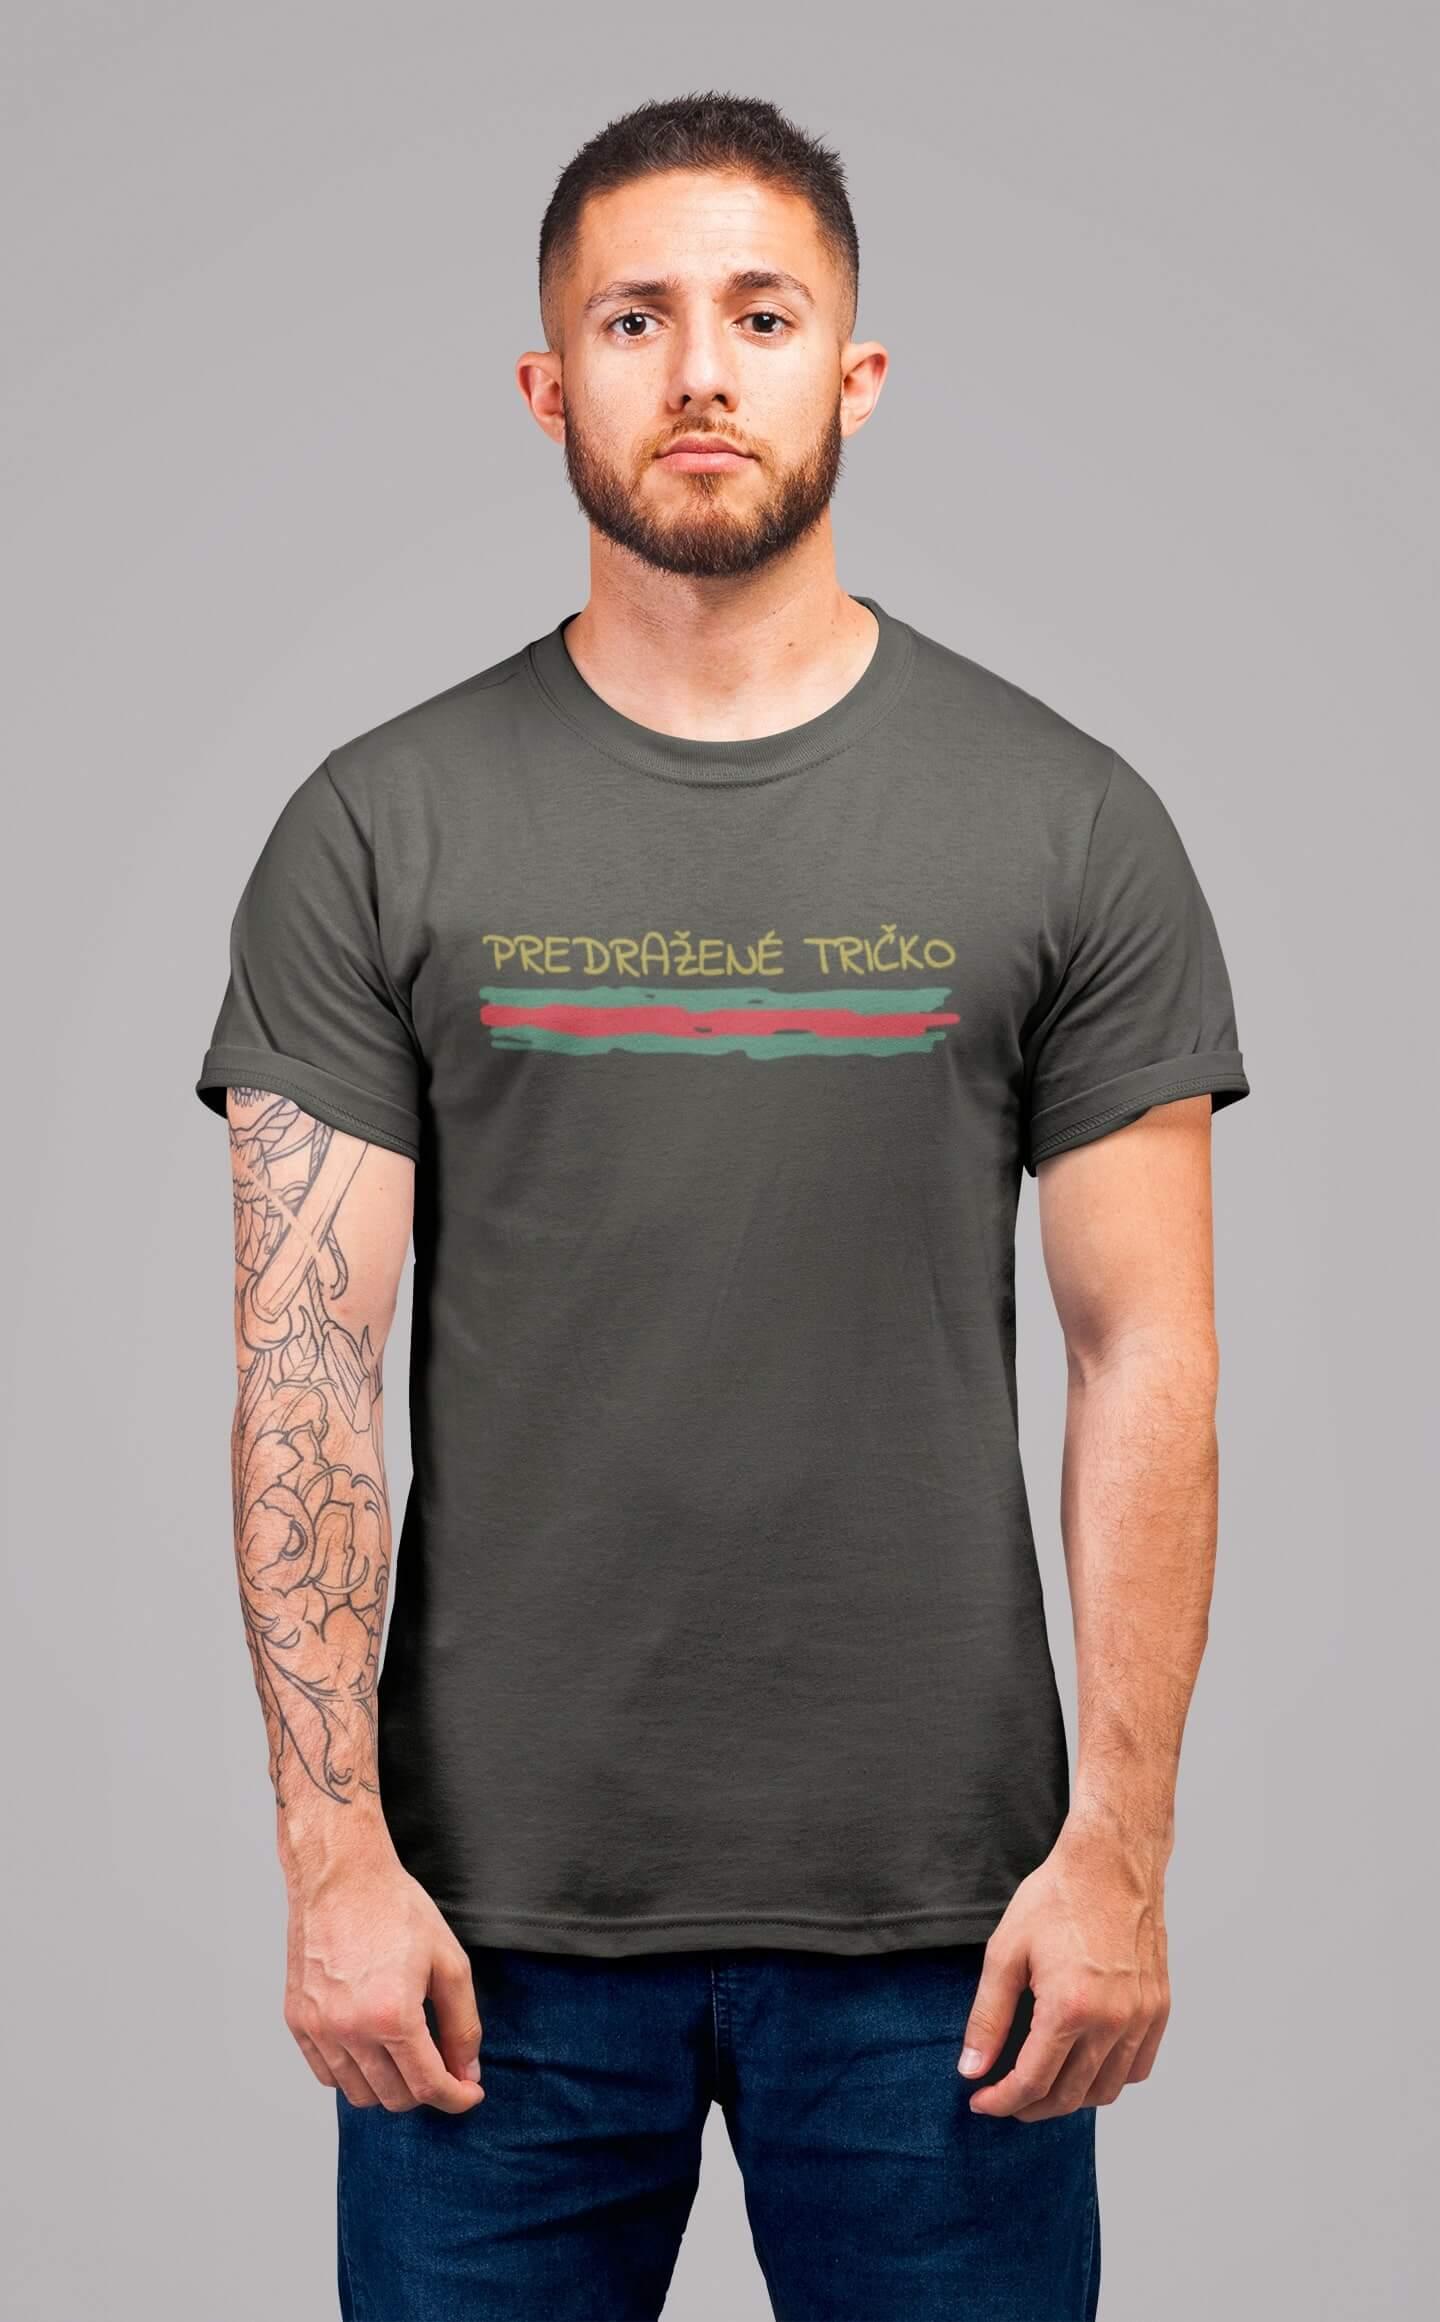 MMO Pánske tričko Predražené tričko Vyberte farbu: Tmavá bridlica, Vyberte veľkosť: XL